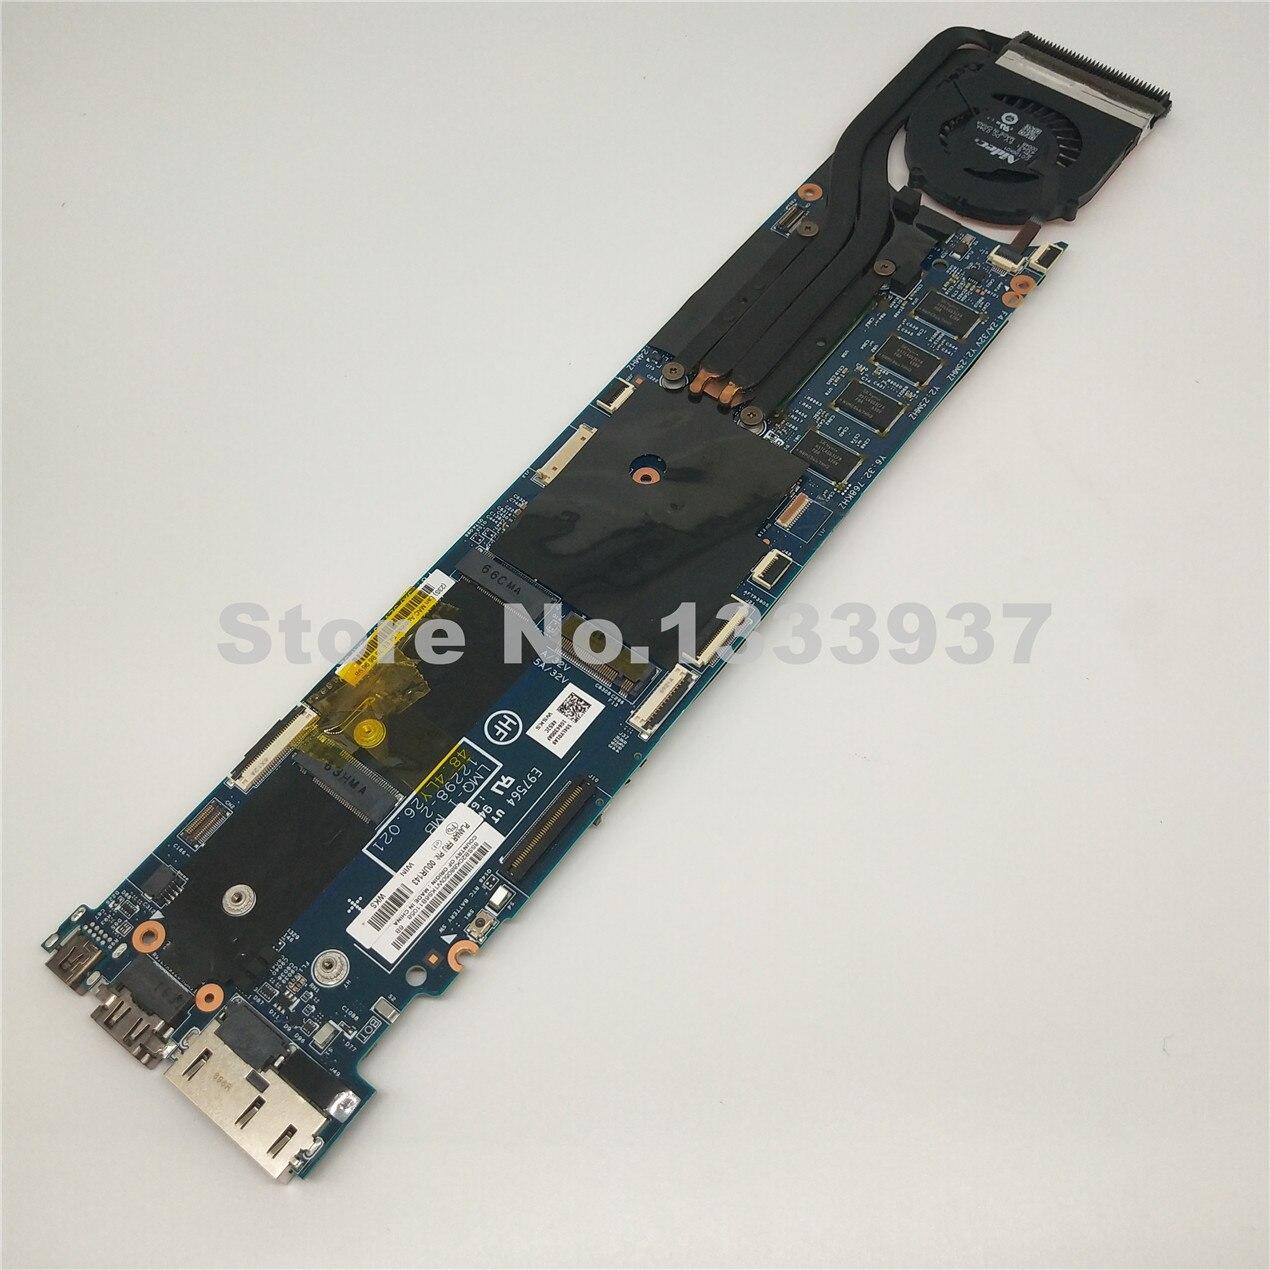 00ur143 Für Lenovo Thinkpad X1c X1 Carbon Laptop Motherboard Lmq-1 Mb 12298-2 48.4ly26.021 Mit I5-4200 Cpu 4g Ram Mainboard Verkaufsrabatt 50-70%